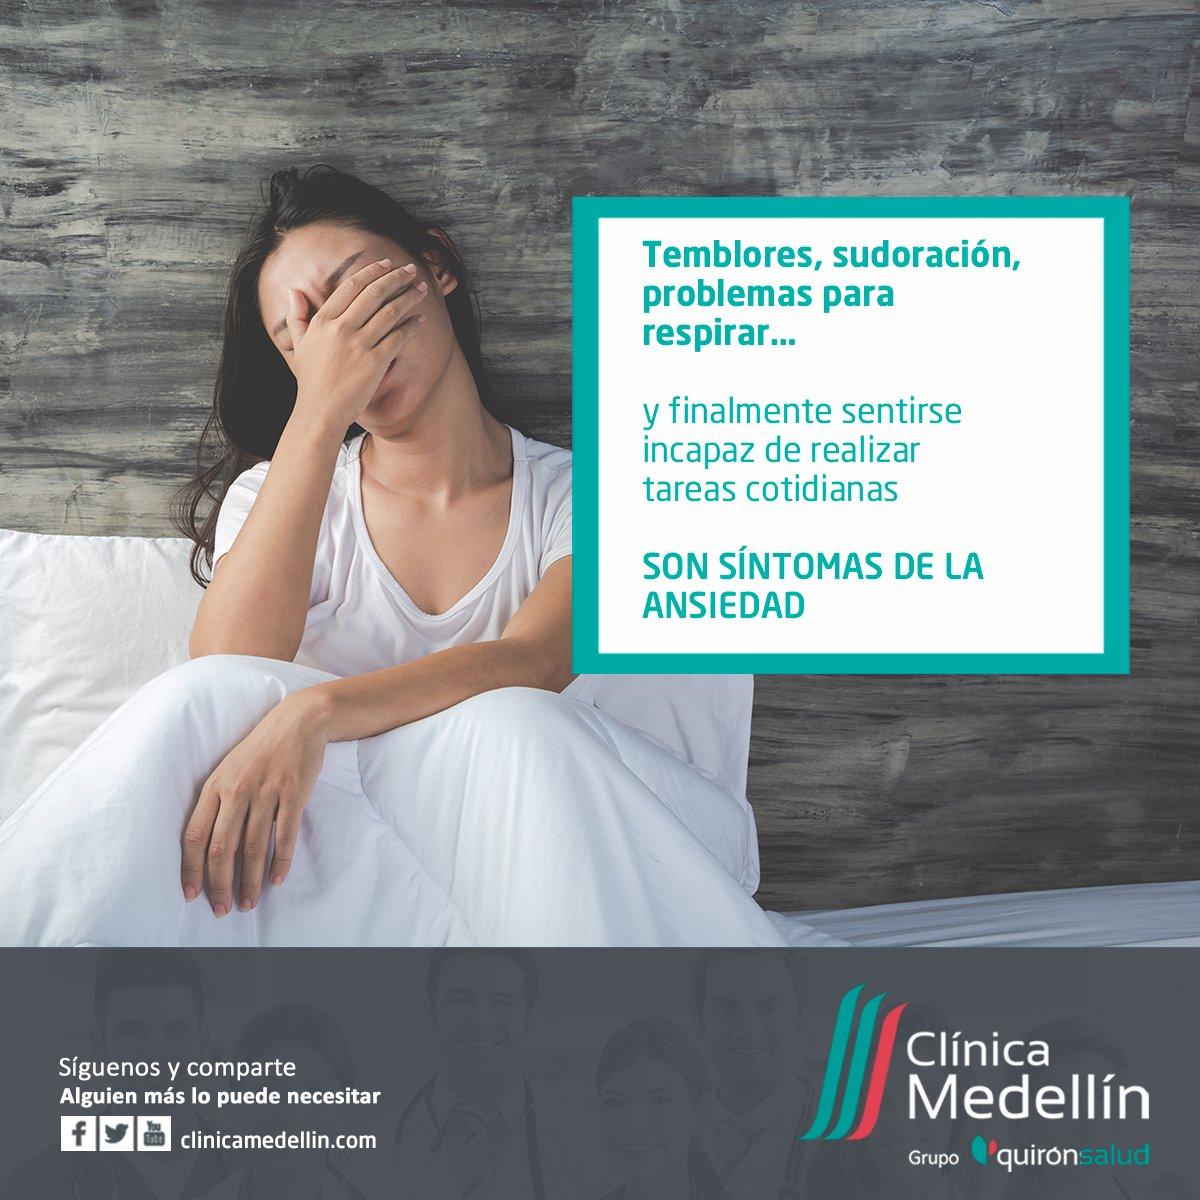 clinica de la ansiedad medellin